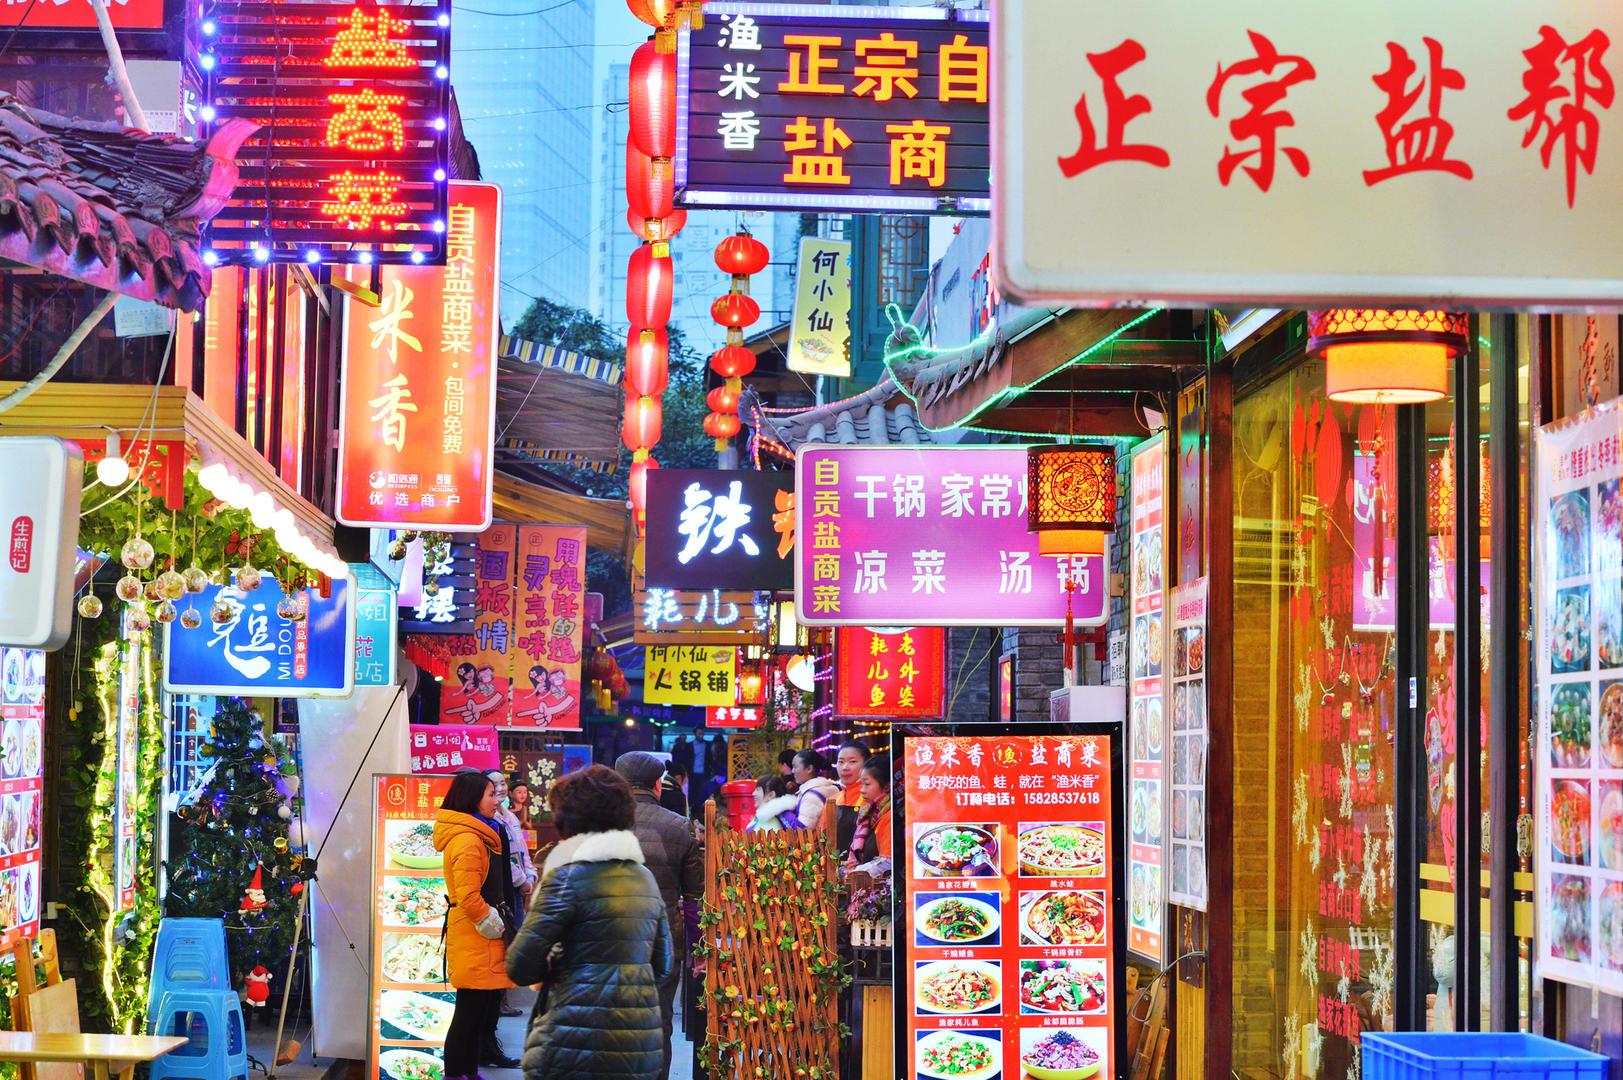 香香巷有了官方大名 成都正式命名20条道路和11座地铁站